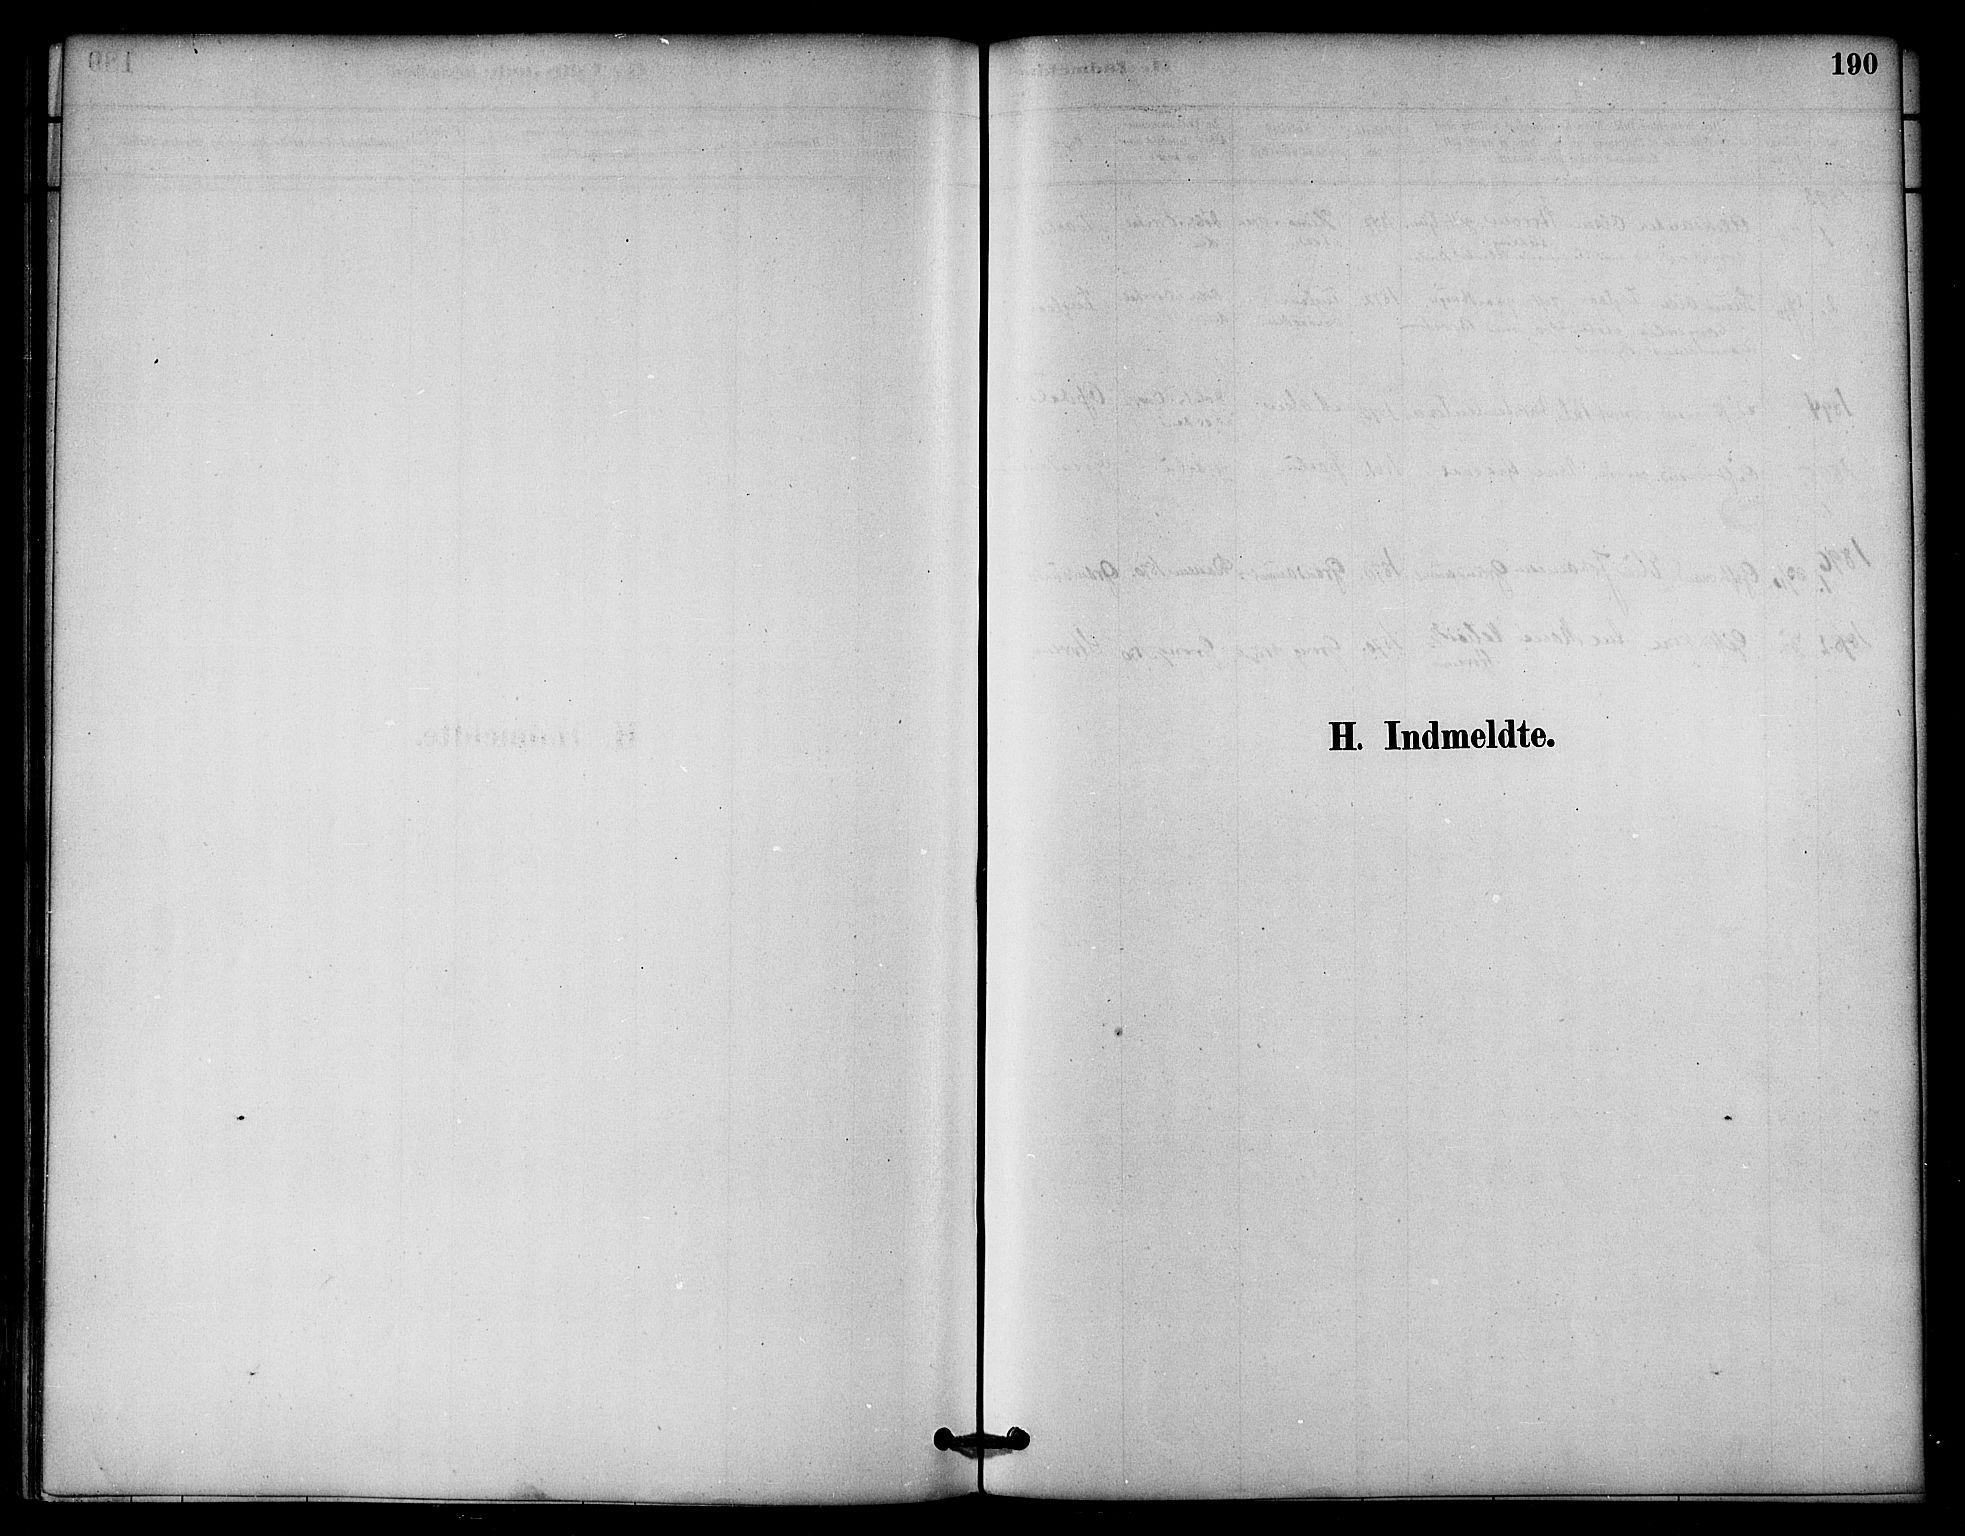 SAT, Ministerialprotokoller, klokkerbøker og fødselsregistre - Nord-Trøndelag, 764/L0555: Ministerialbok nr. 764A10, 1881-1896, s. 190